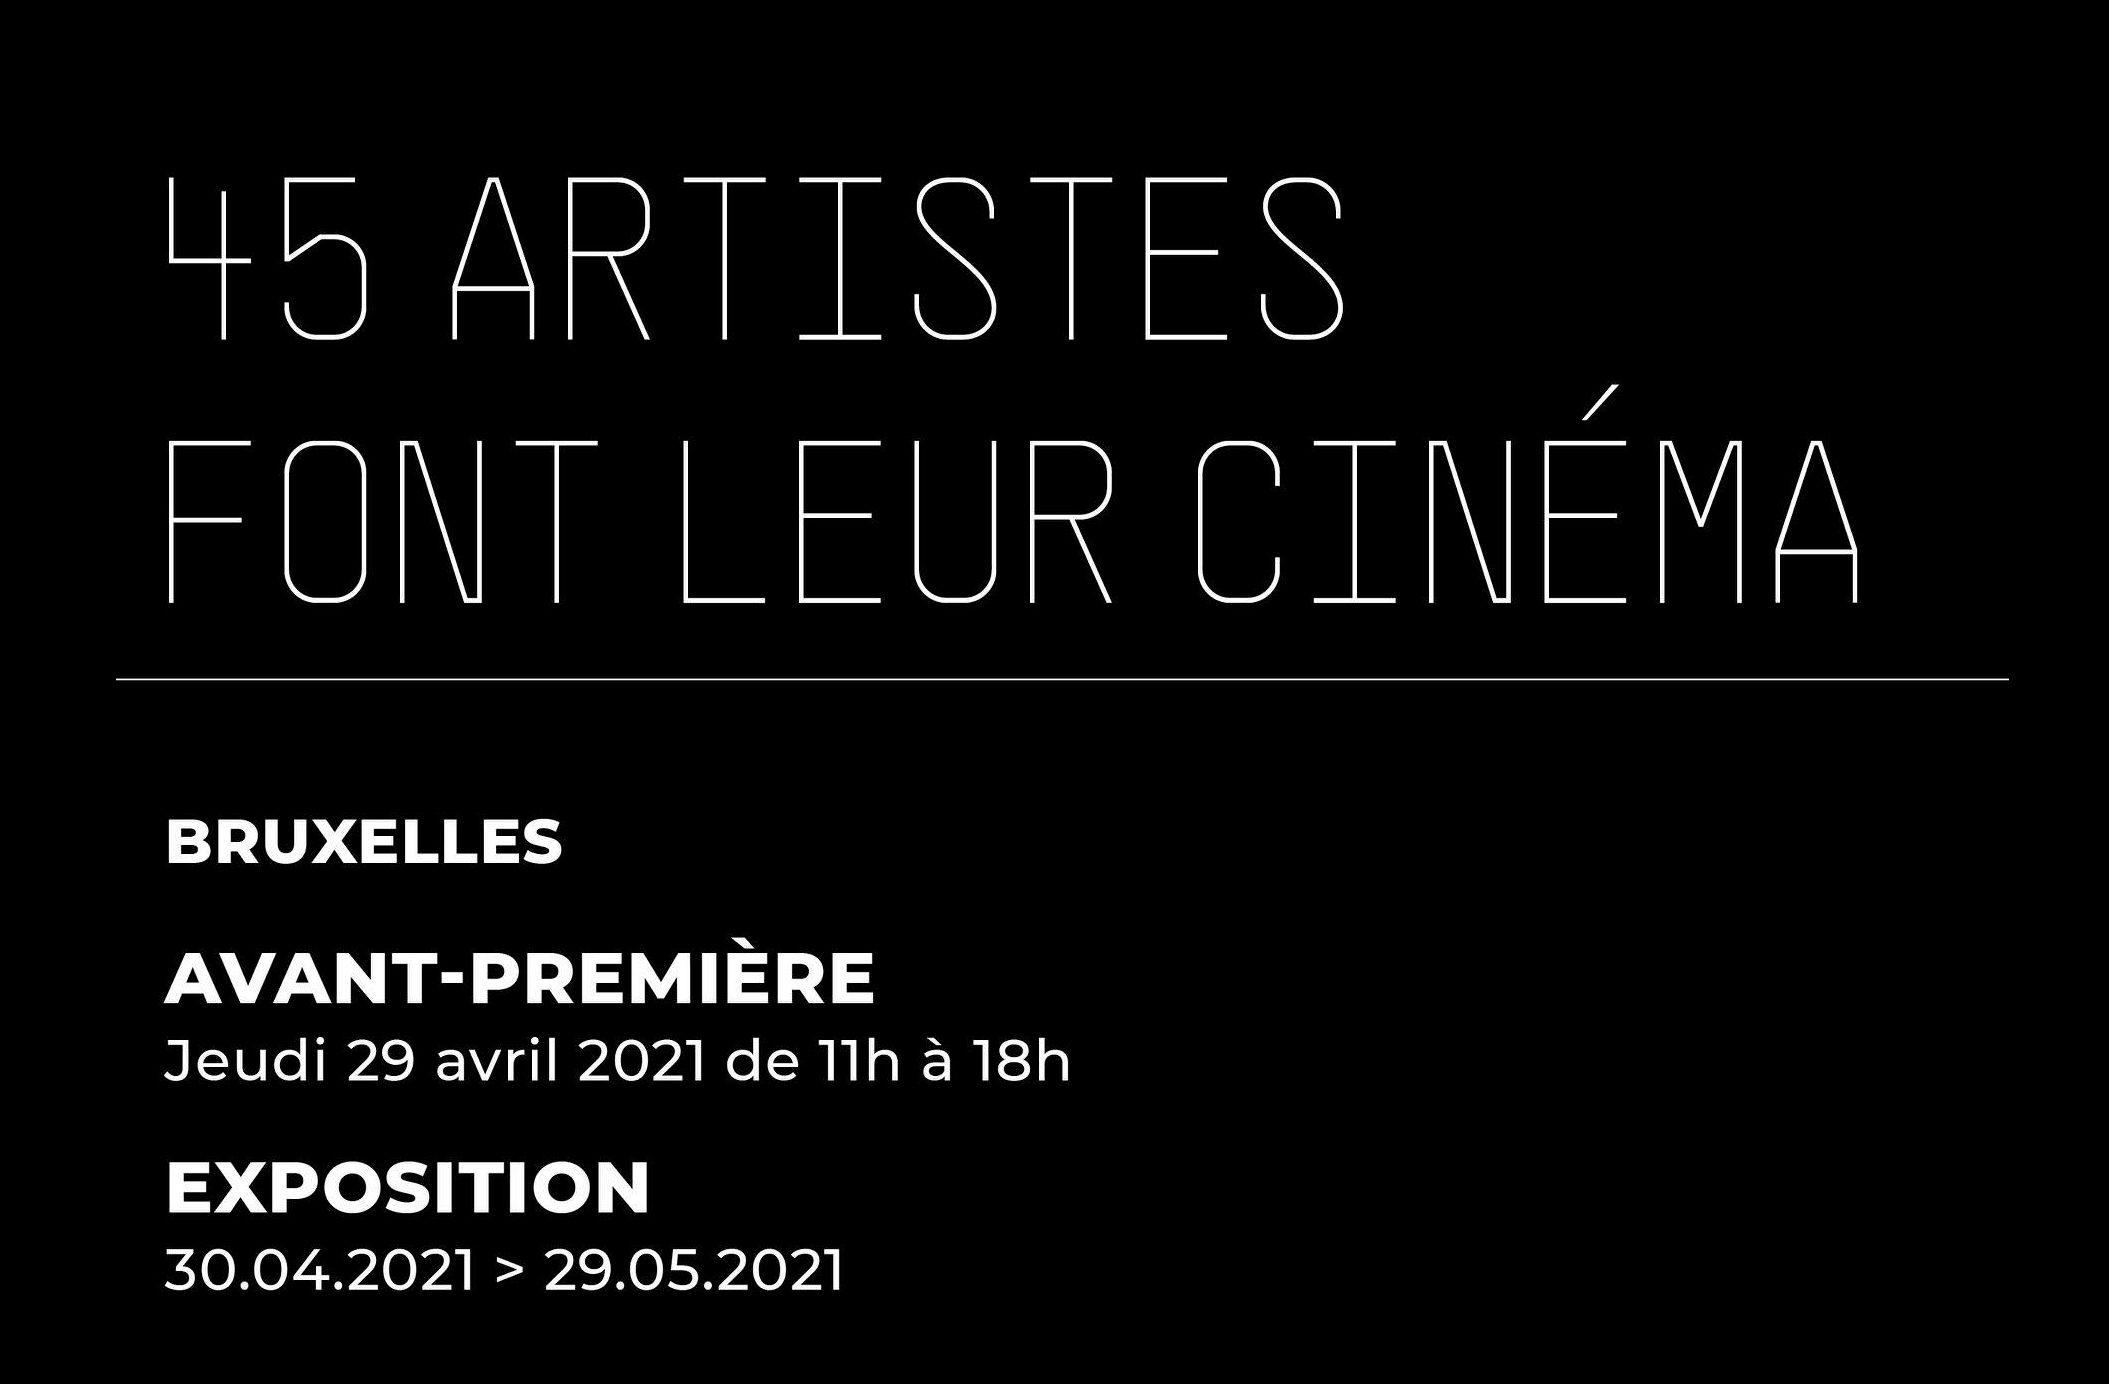 Exposition : 45 artistes font leur cinéma